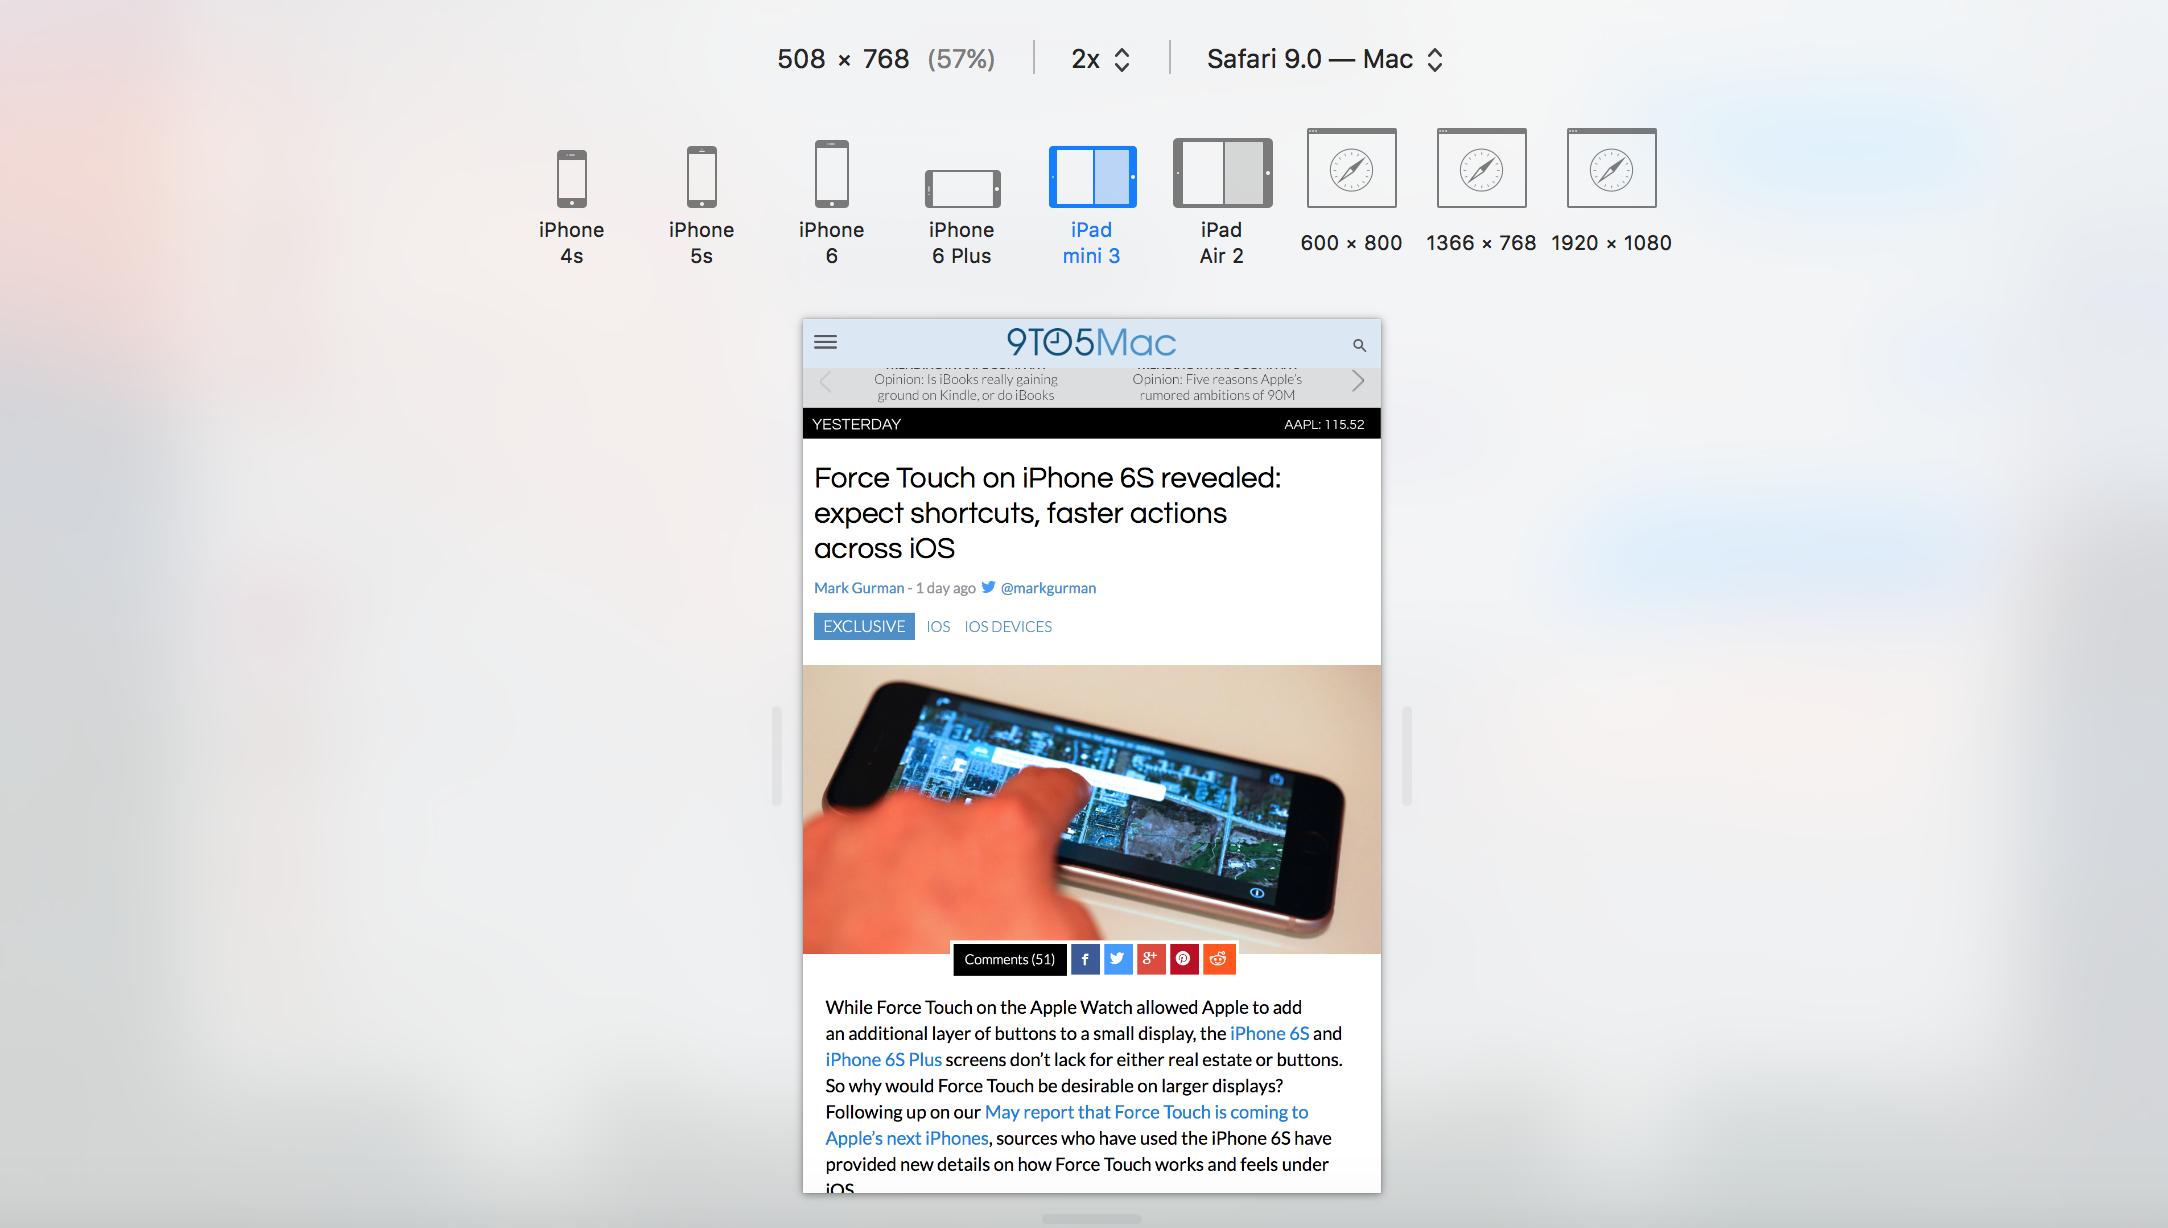 ipadmini4-fullscreen-gerucht